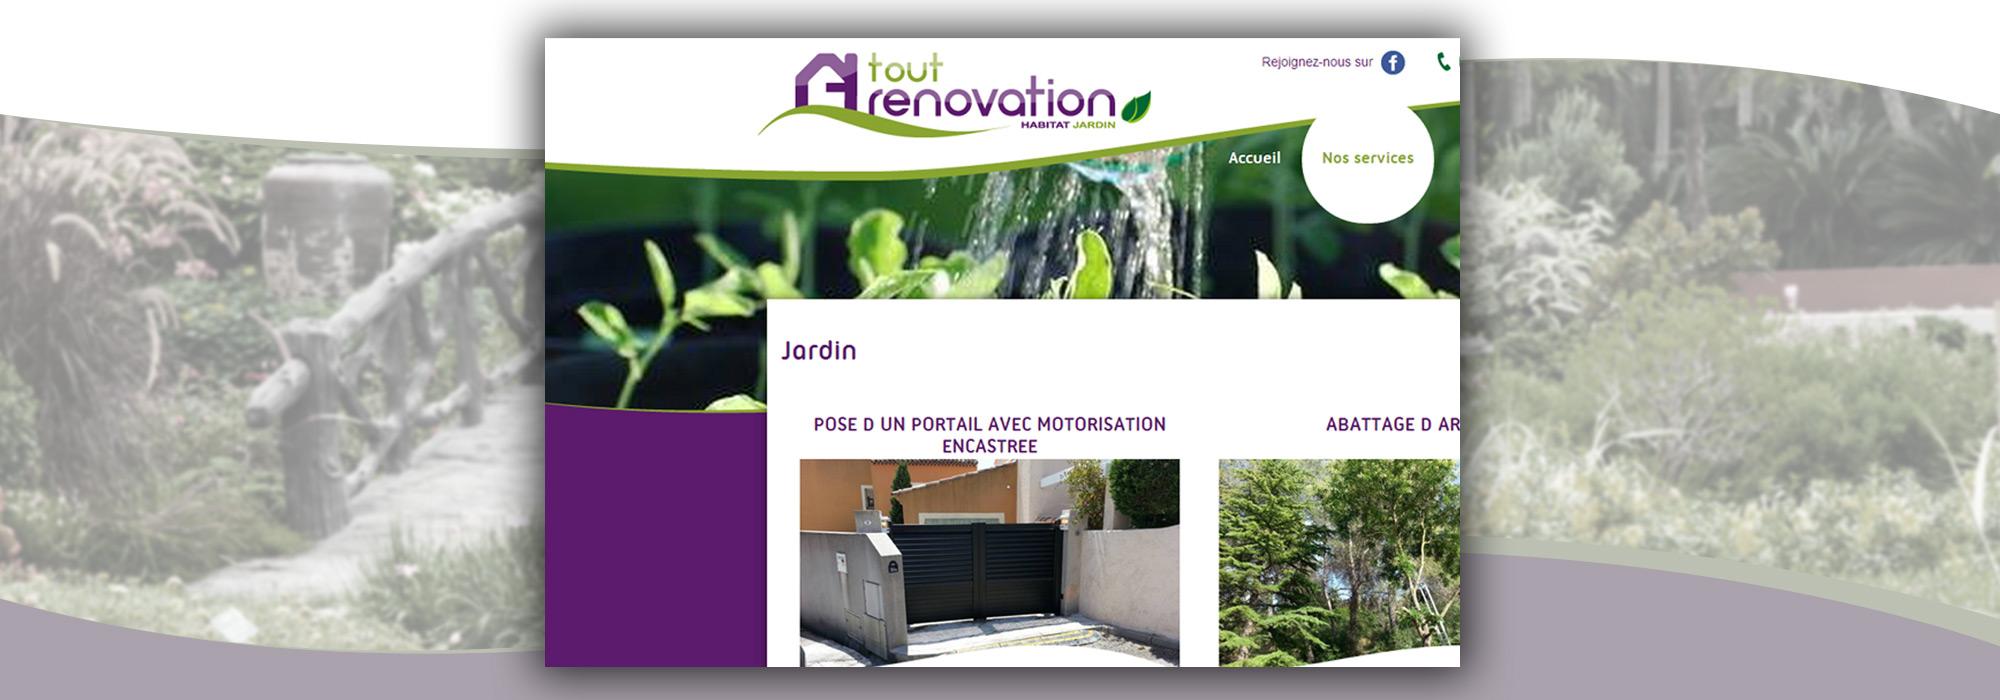 Petits travaux de r novation et entretien de jardin for Entretien jardin marseille